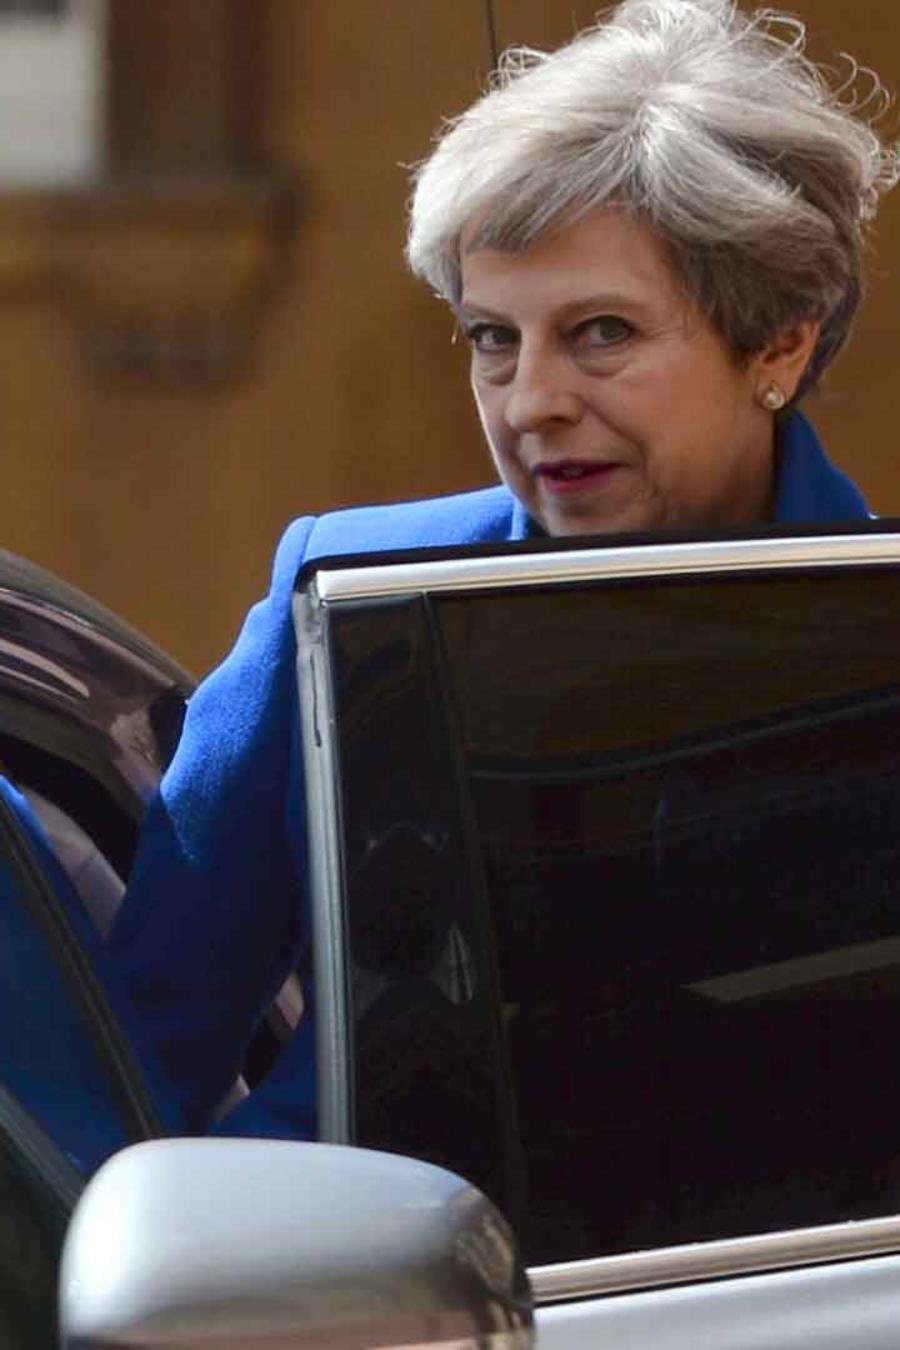 Primera ministra del Reino Unido Theresa May entra en un vehículo